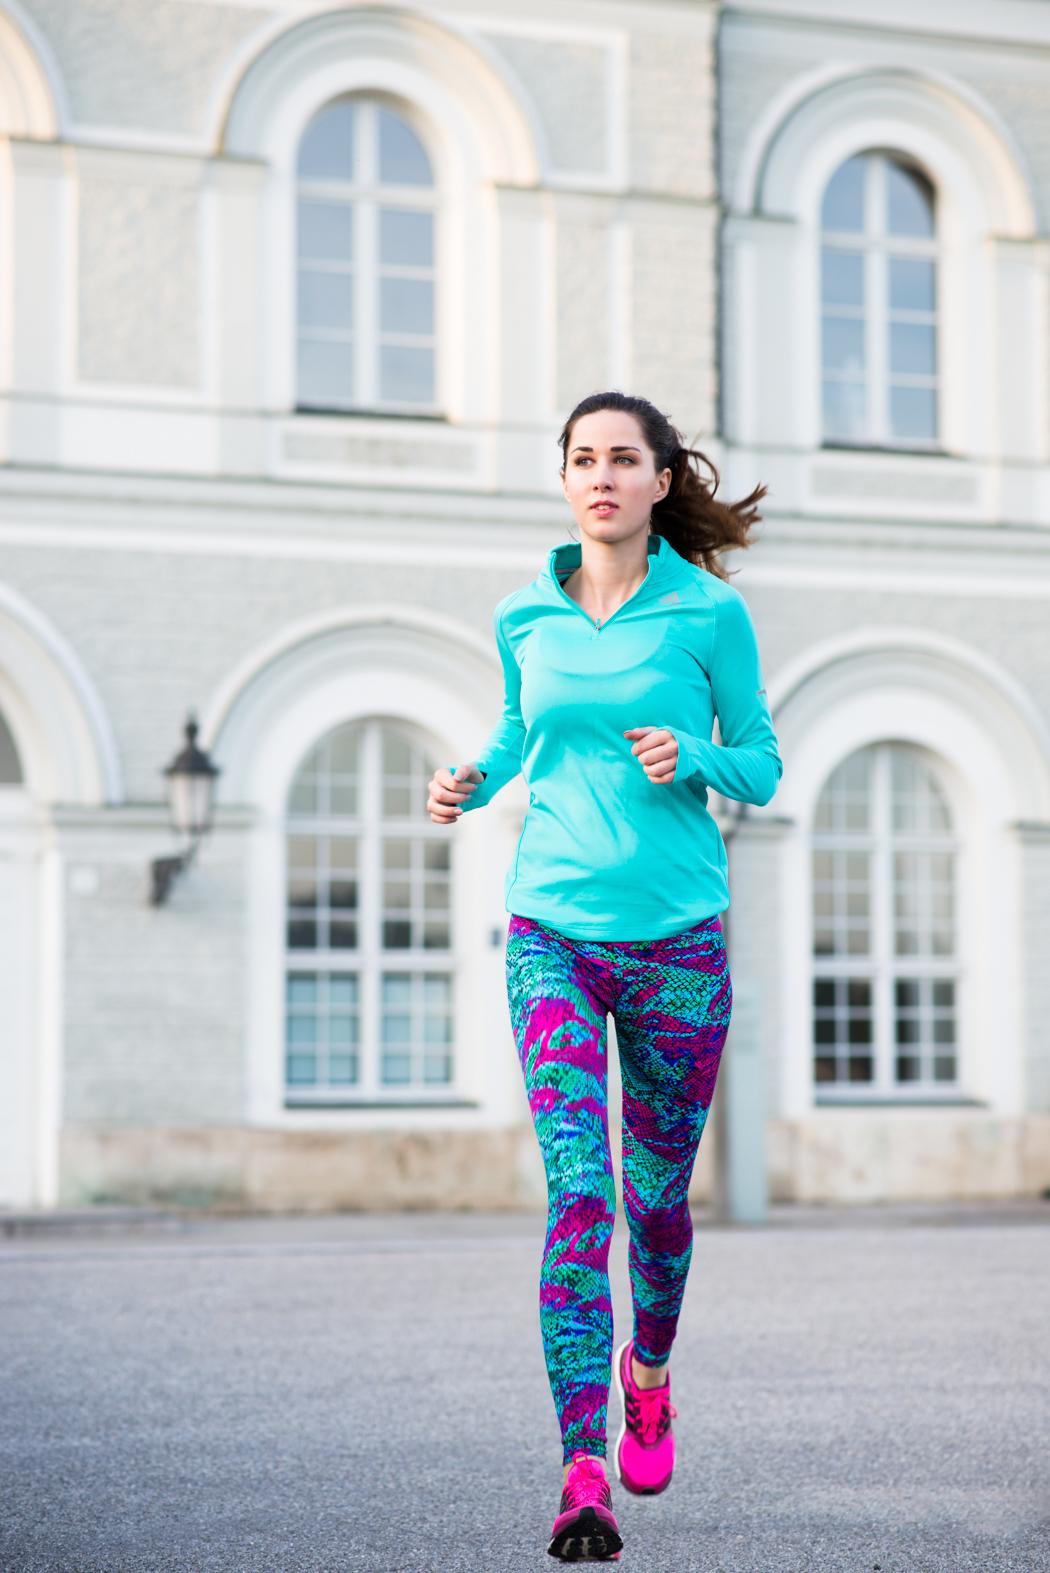 Onzie-Workoutgear-Snakeprint-Adidas-Boost-Fitnessblogger-8